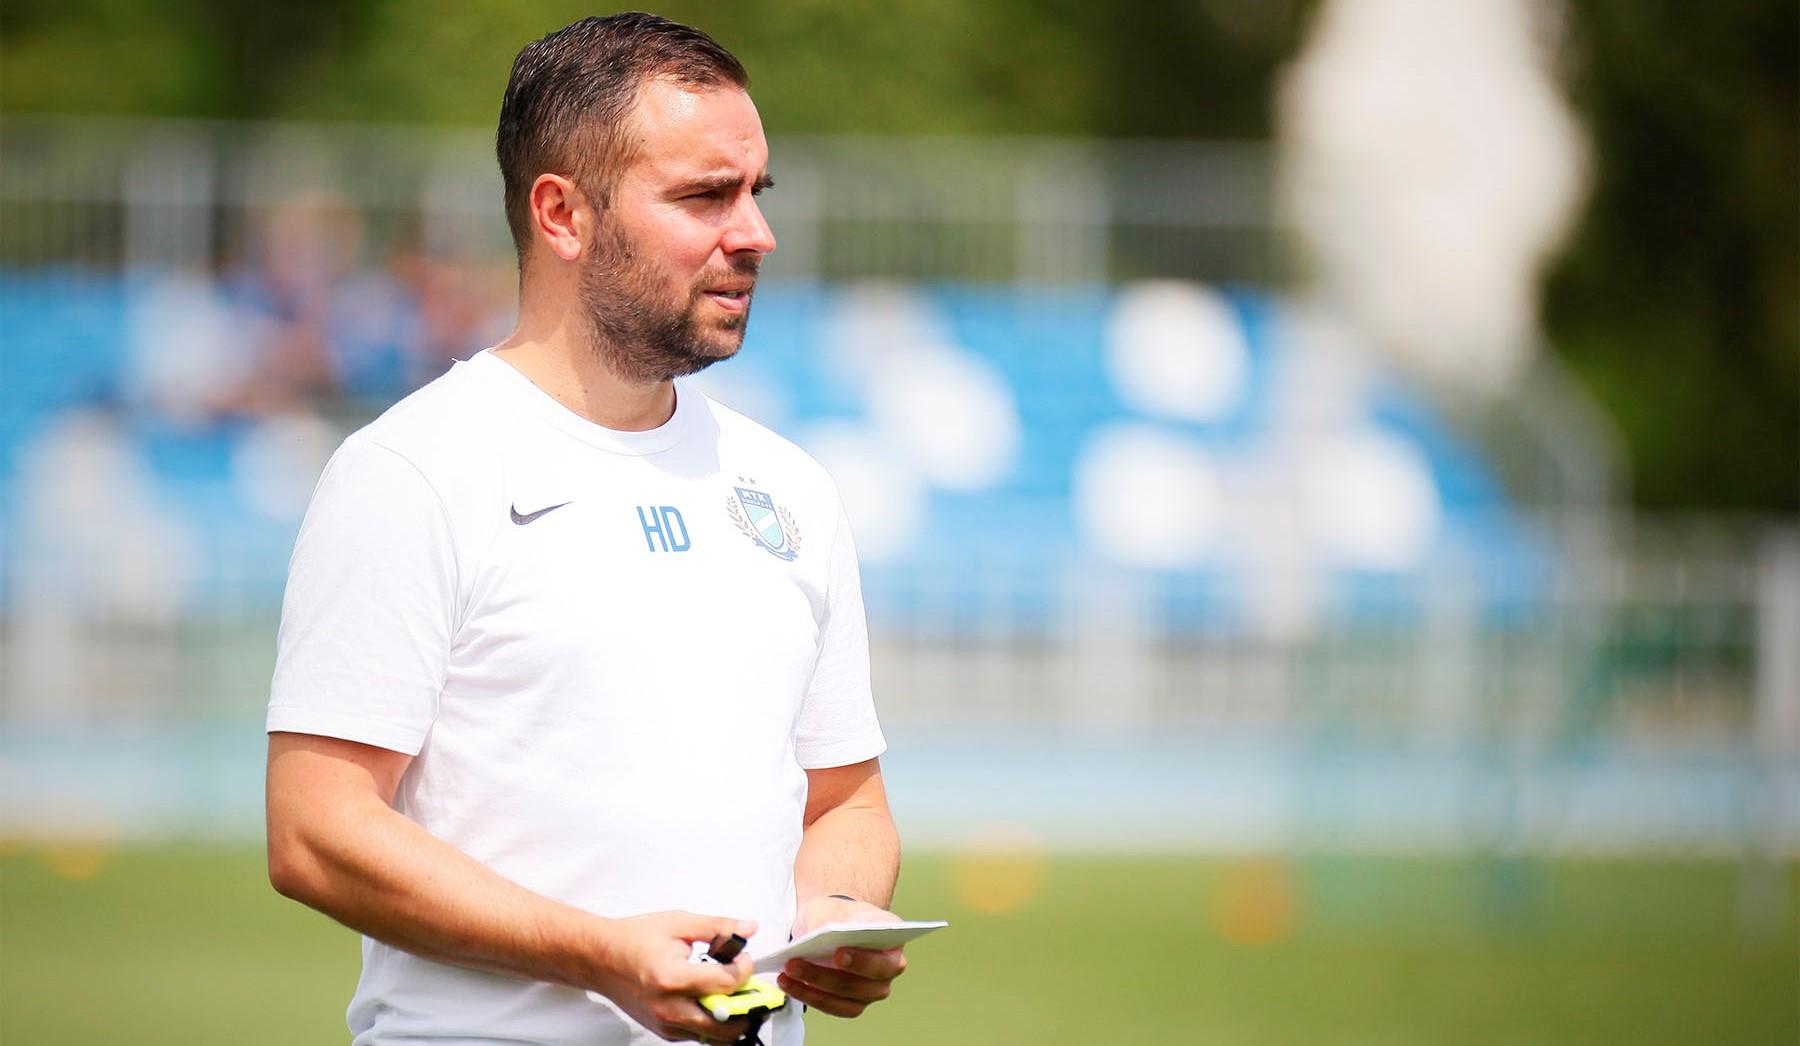 """Horváth Dávid: """"Minden játékosnak plusz motivációt jelent, hogy ők is felérjenek a bajnokcsapat szintjére"""""""